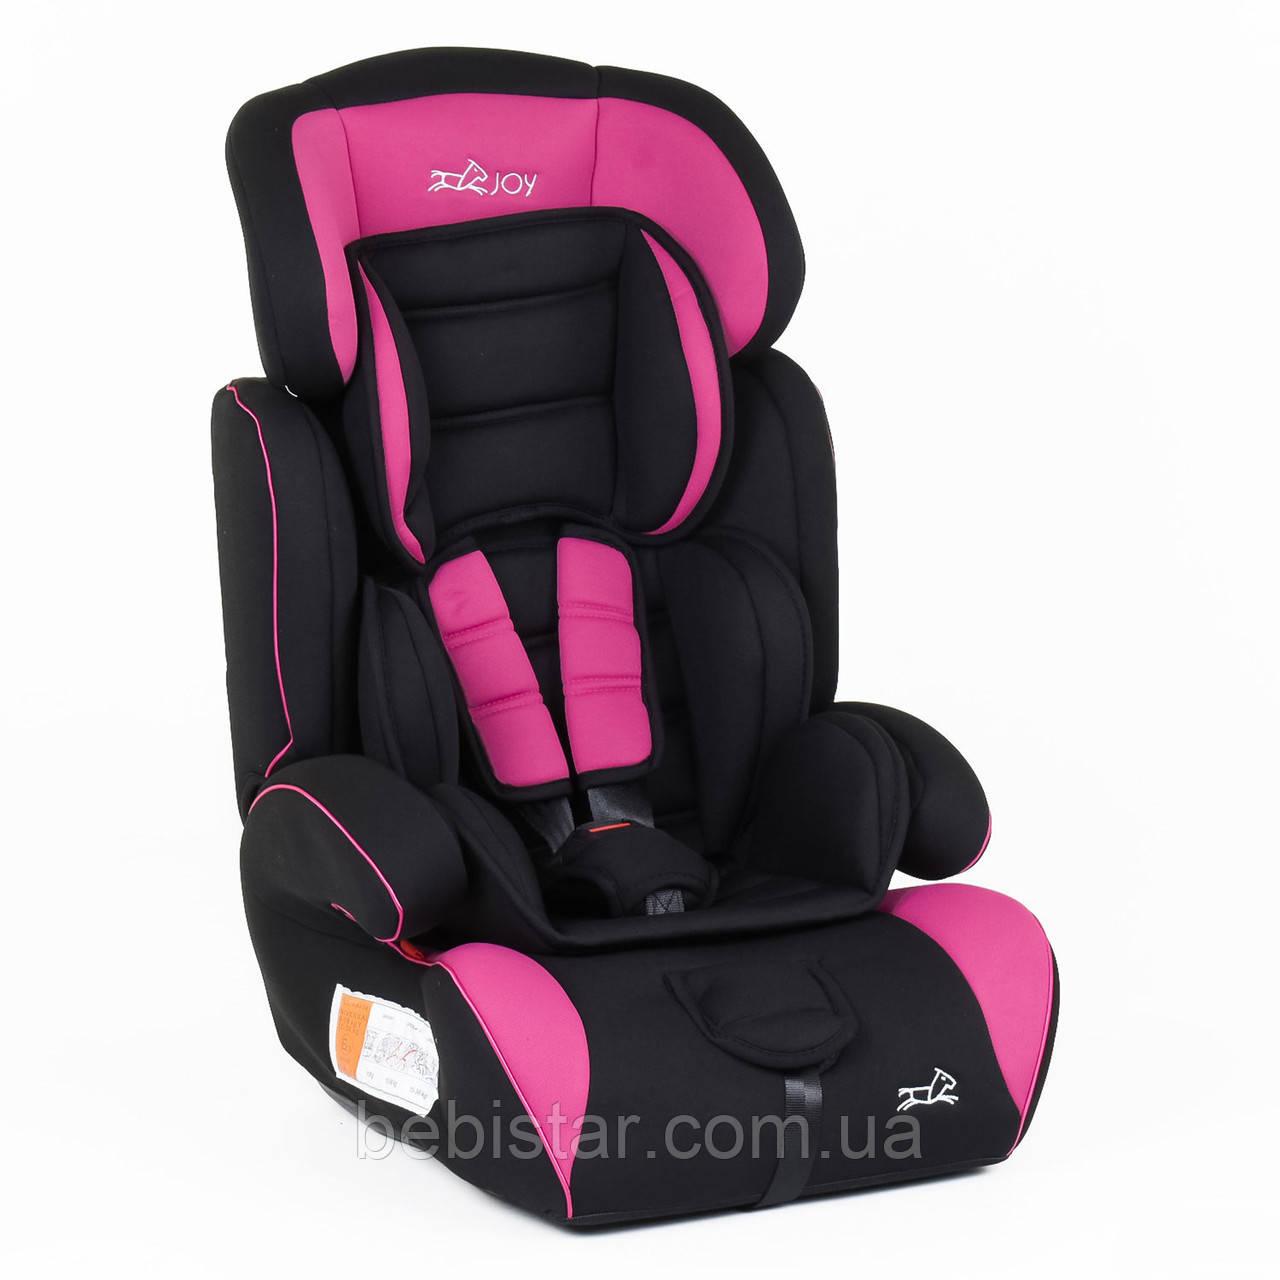 Детское автокресло черное с розовыми вставками JOY